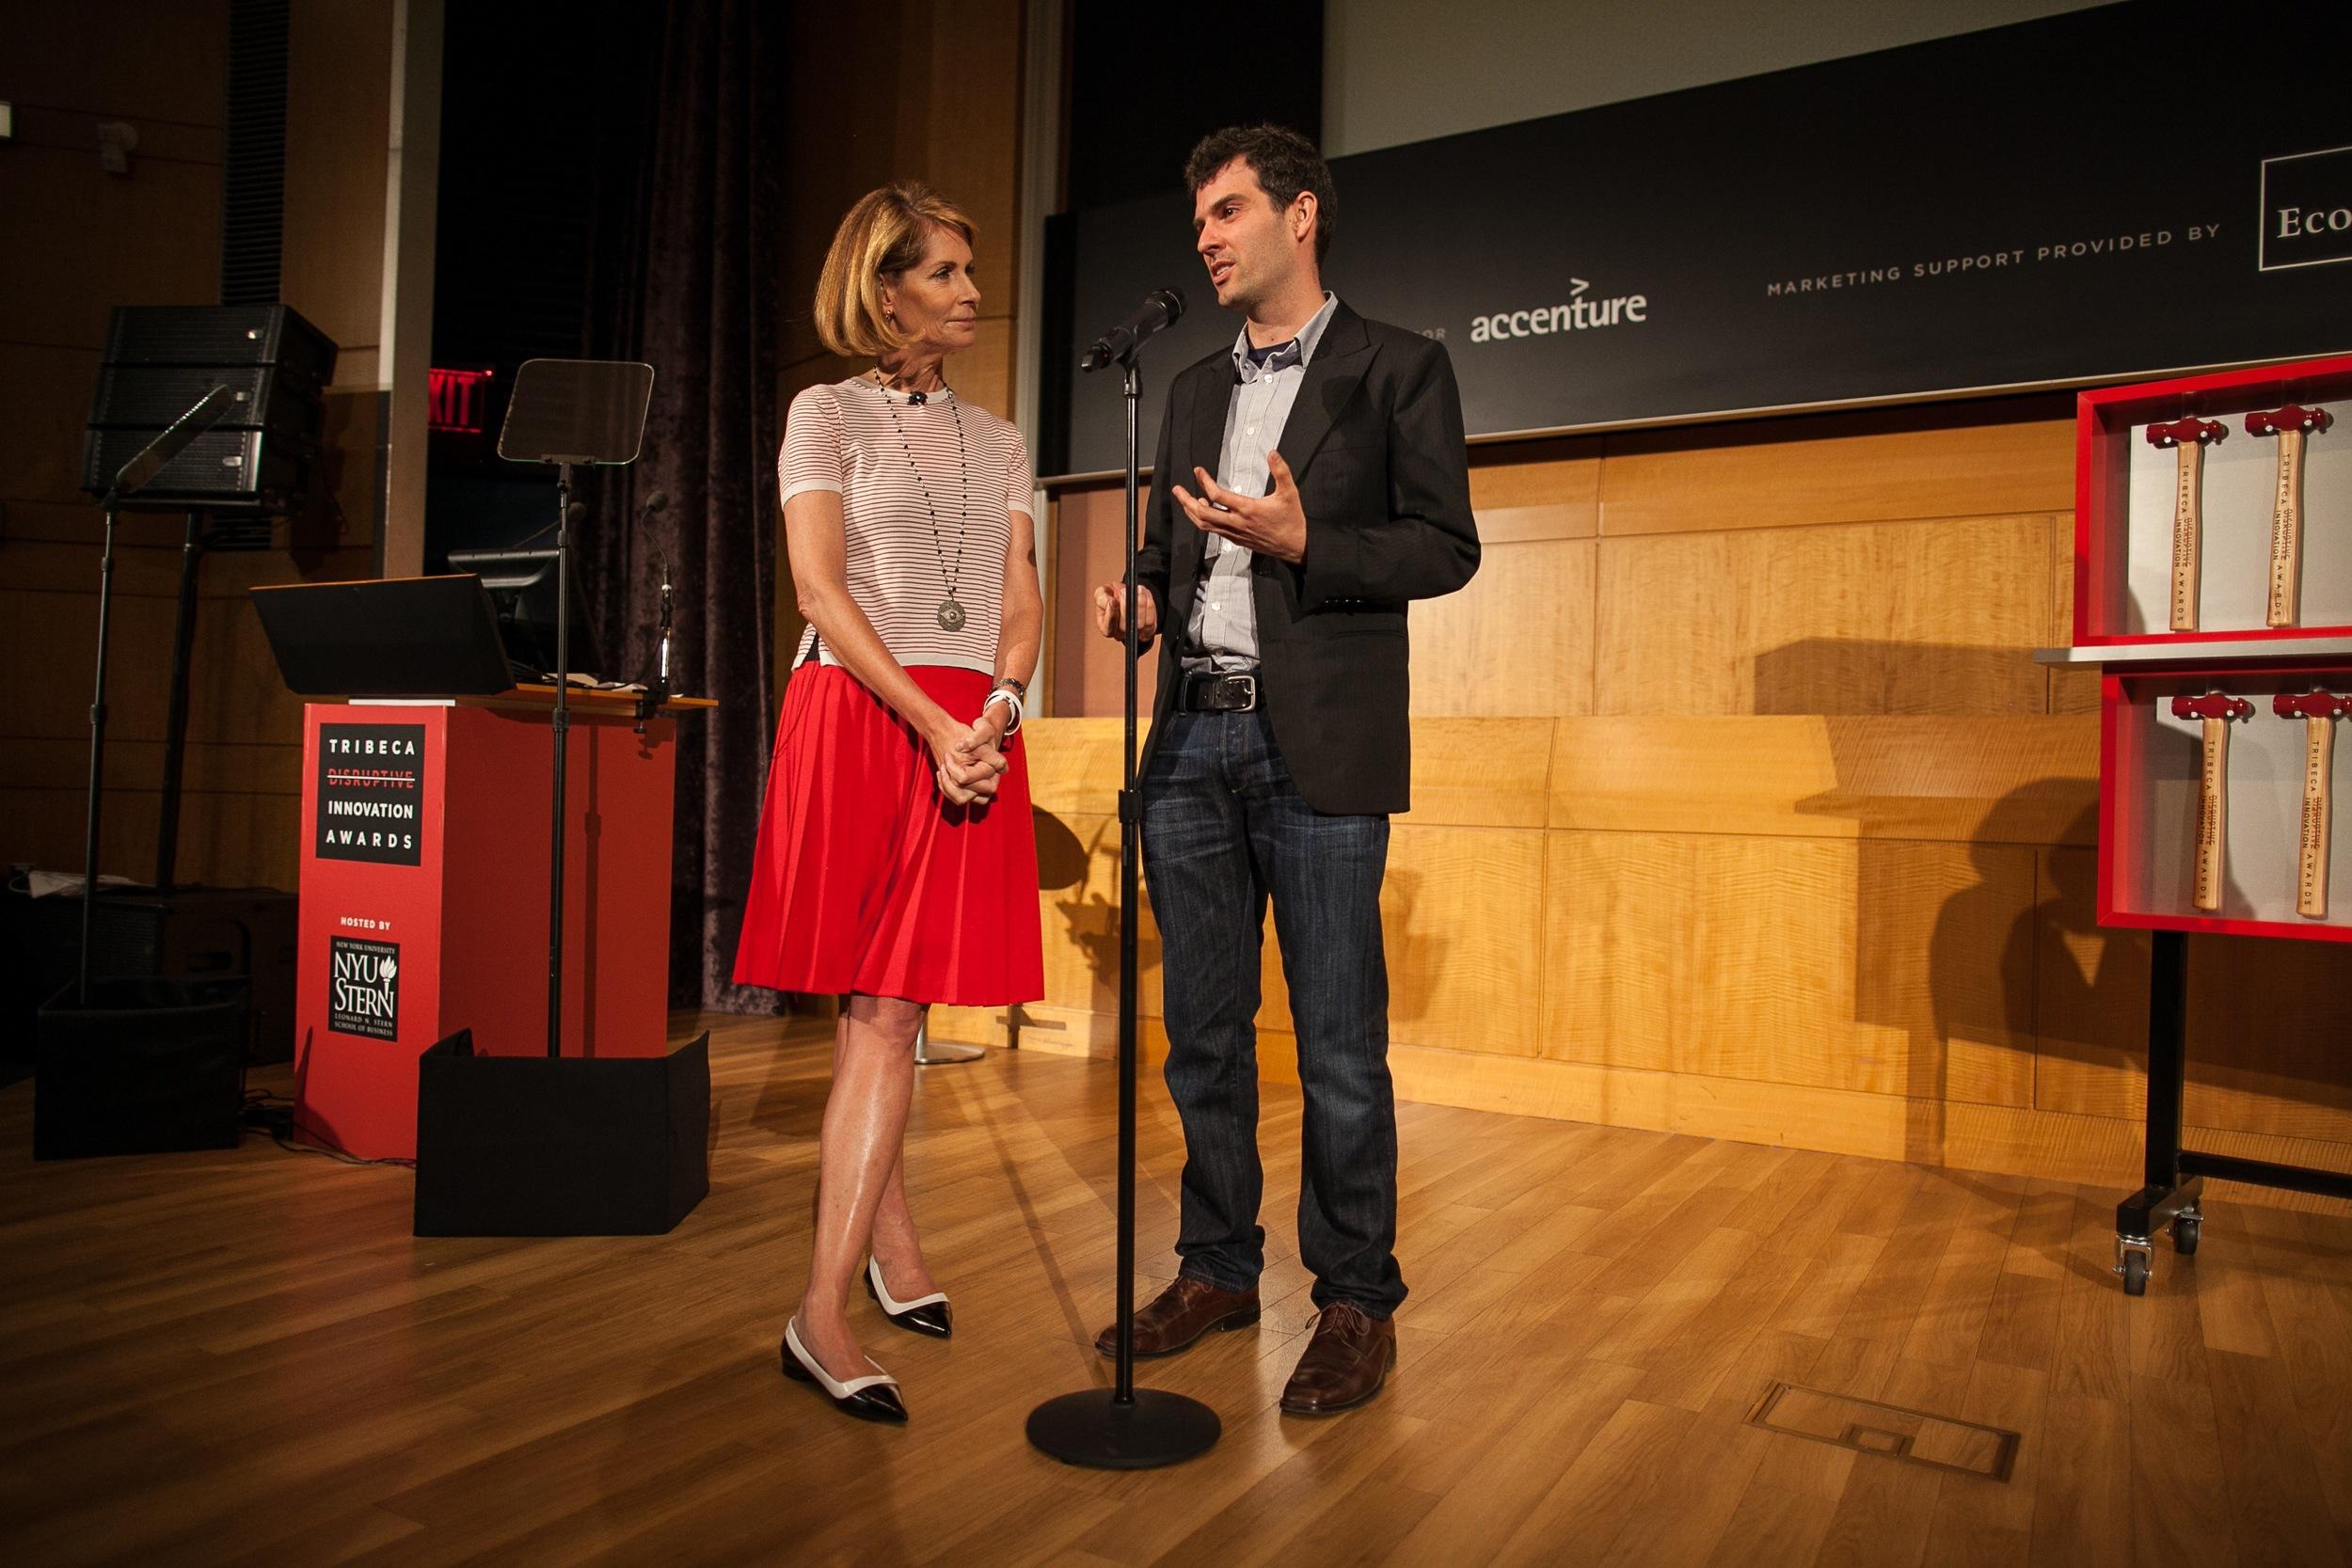 Tribeca Disruptive Innovation Awards 2013 - 094.jpg